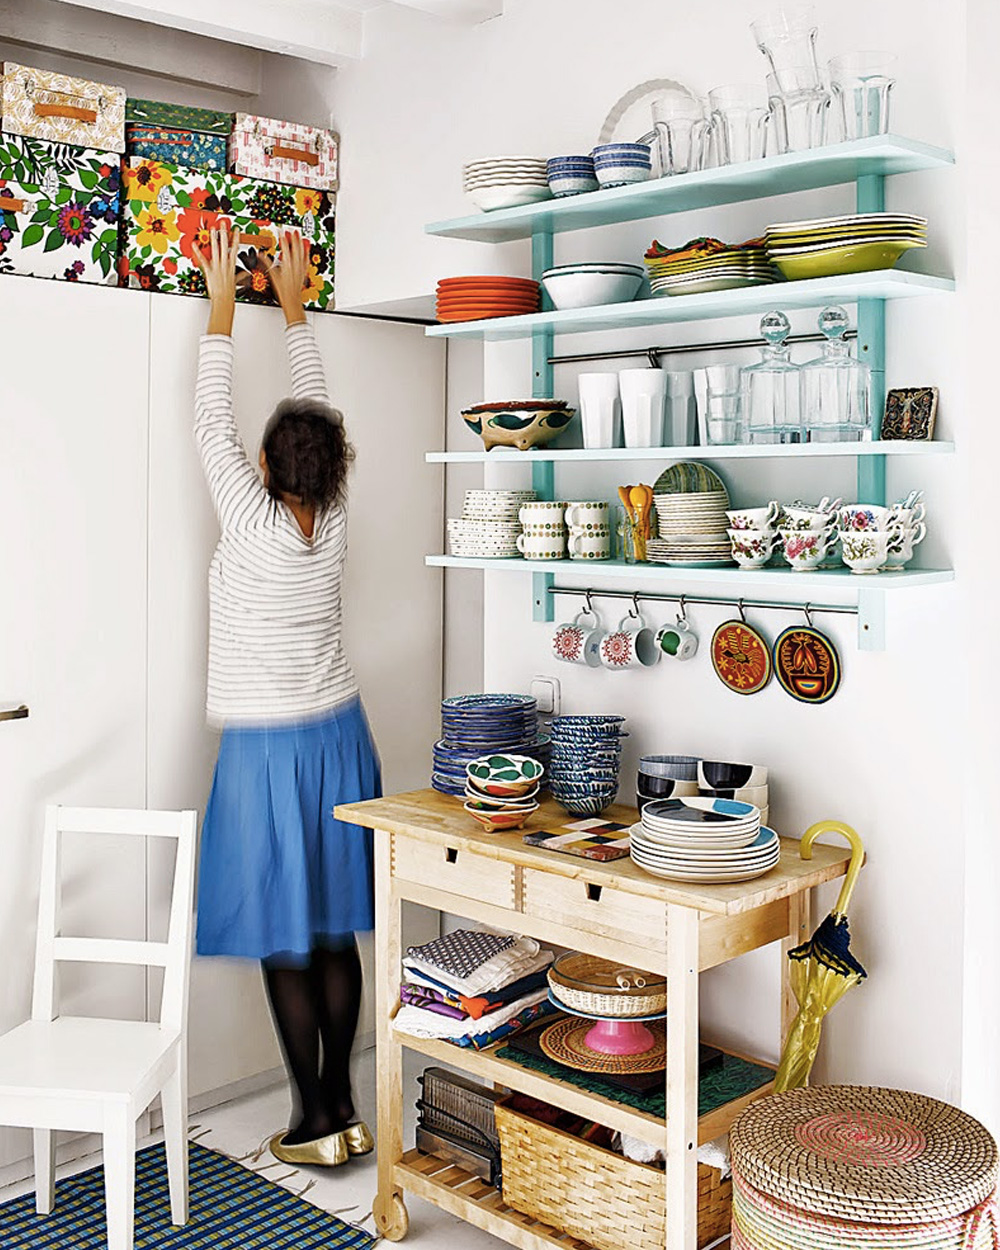 déco cuisine vaisselle